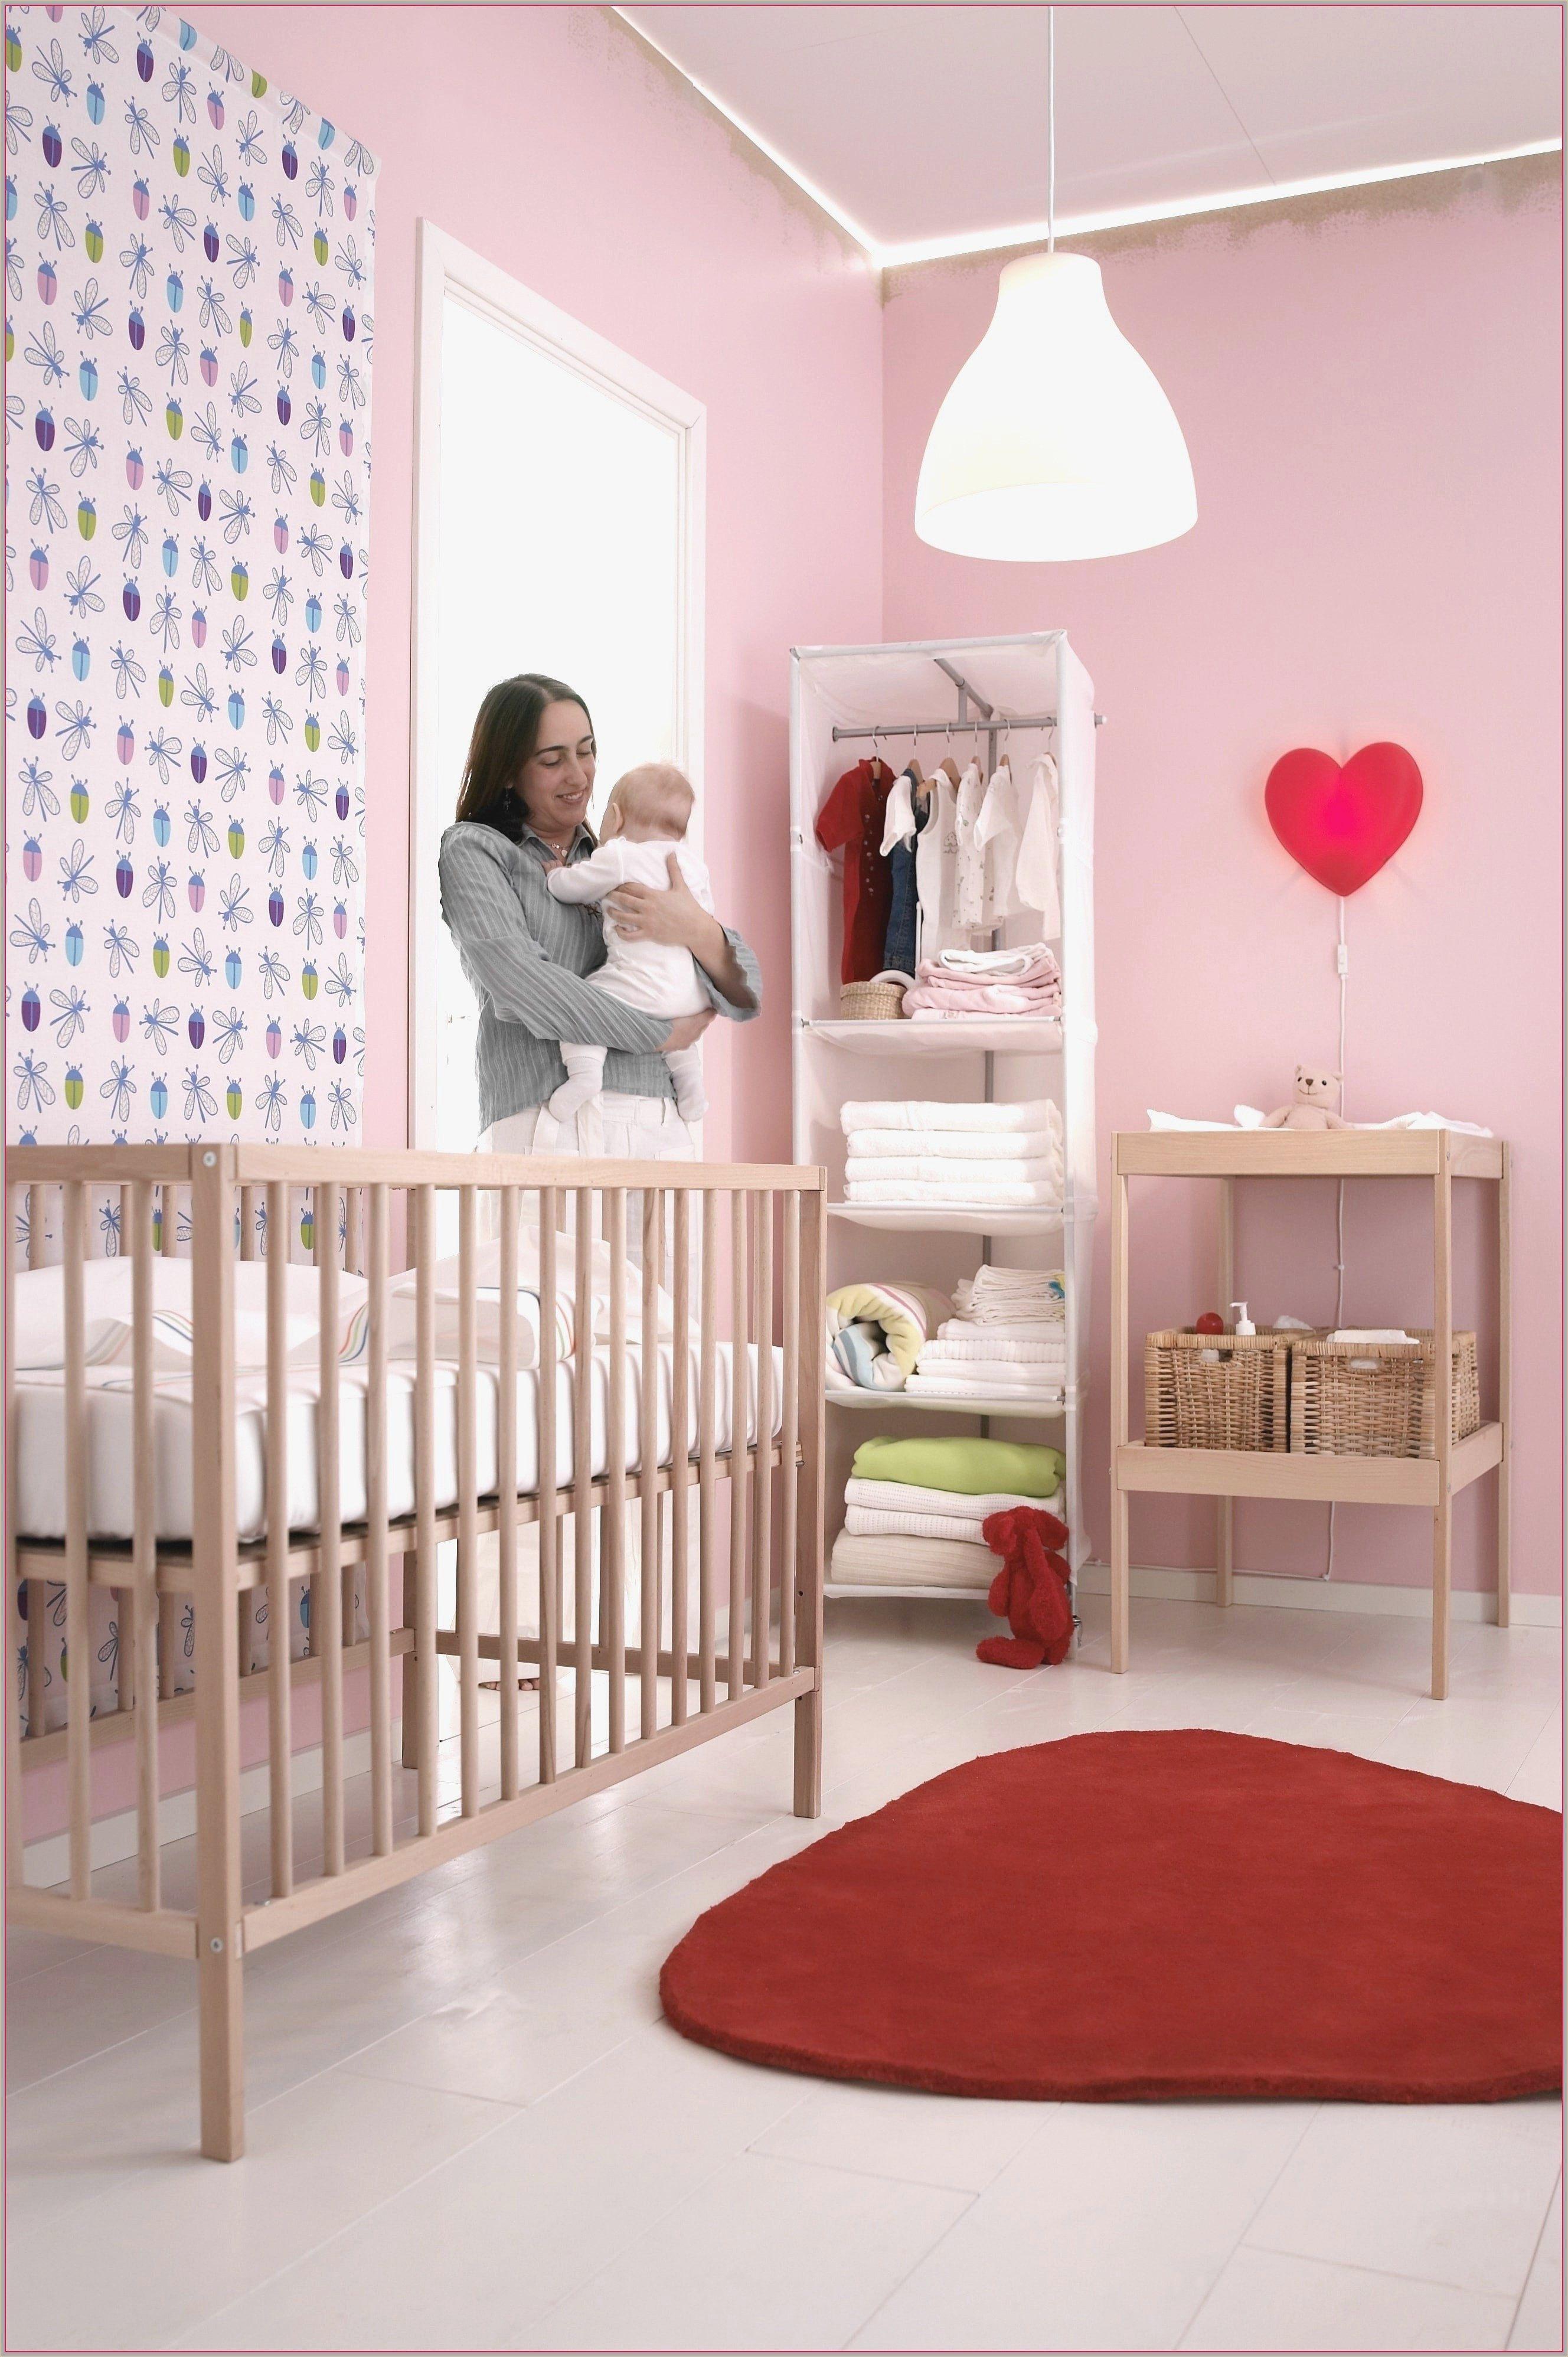 Lit Pour Bébé Ikea Charmant Lit Bébé Design Bénéfique Image Ikea Lit Pour B 31 Pelleplutt